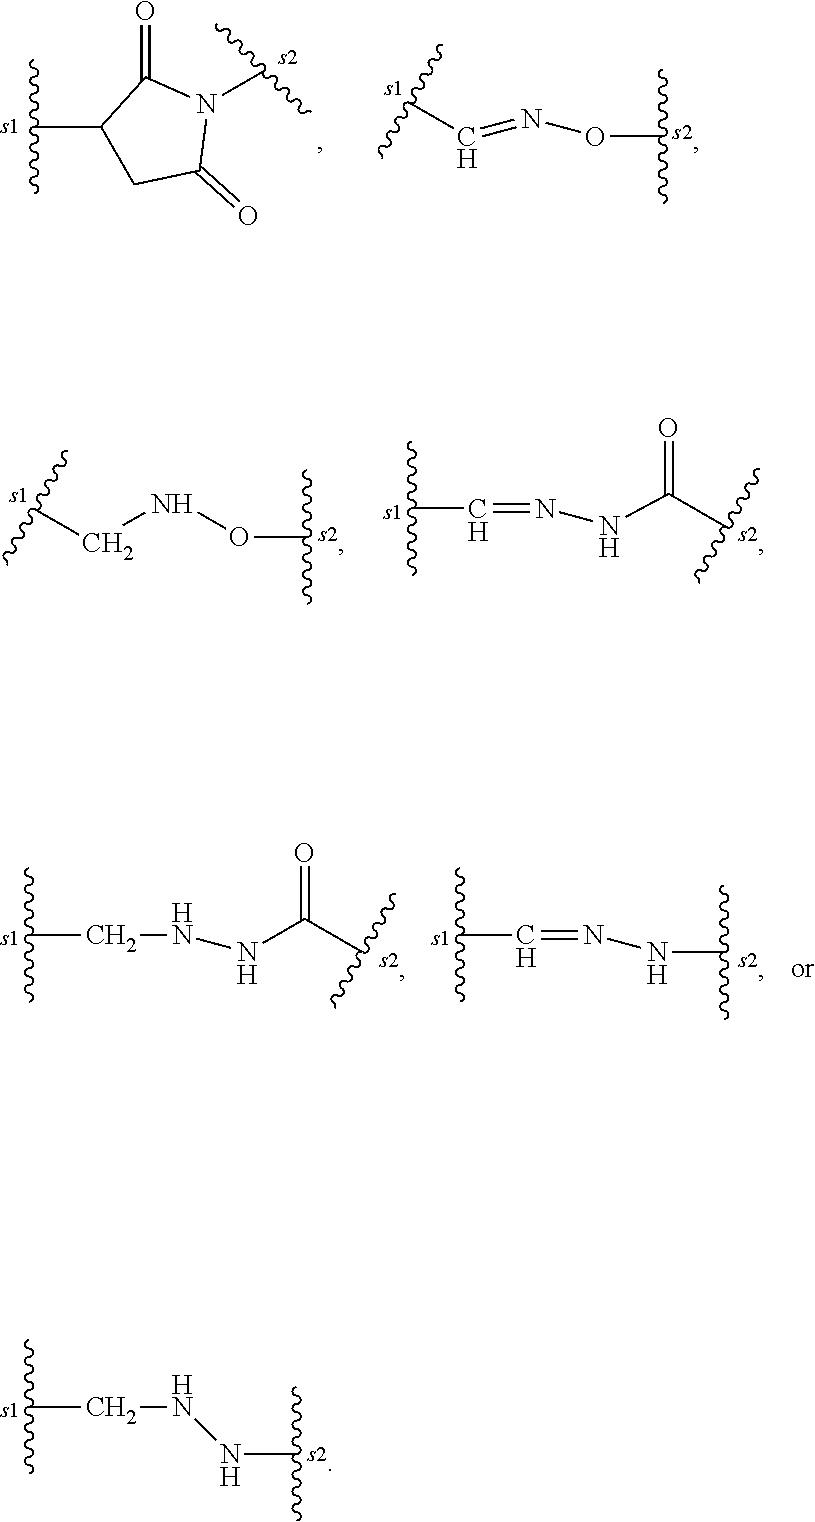 Figure US20180296694A1-20181018-C00008